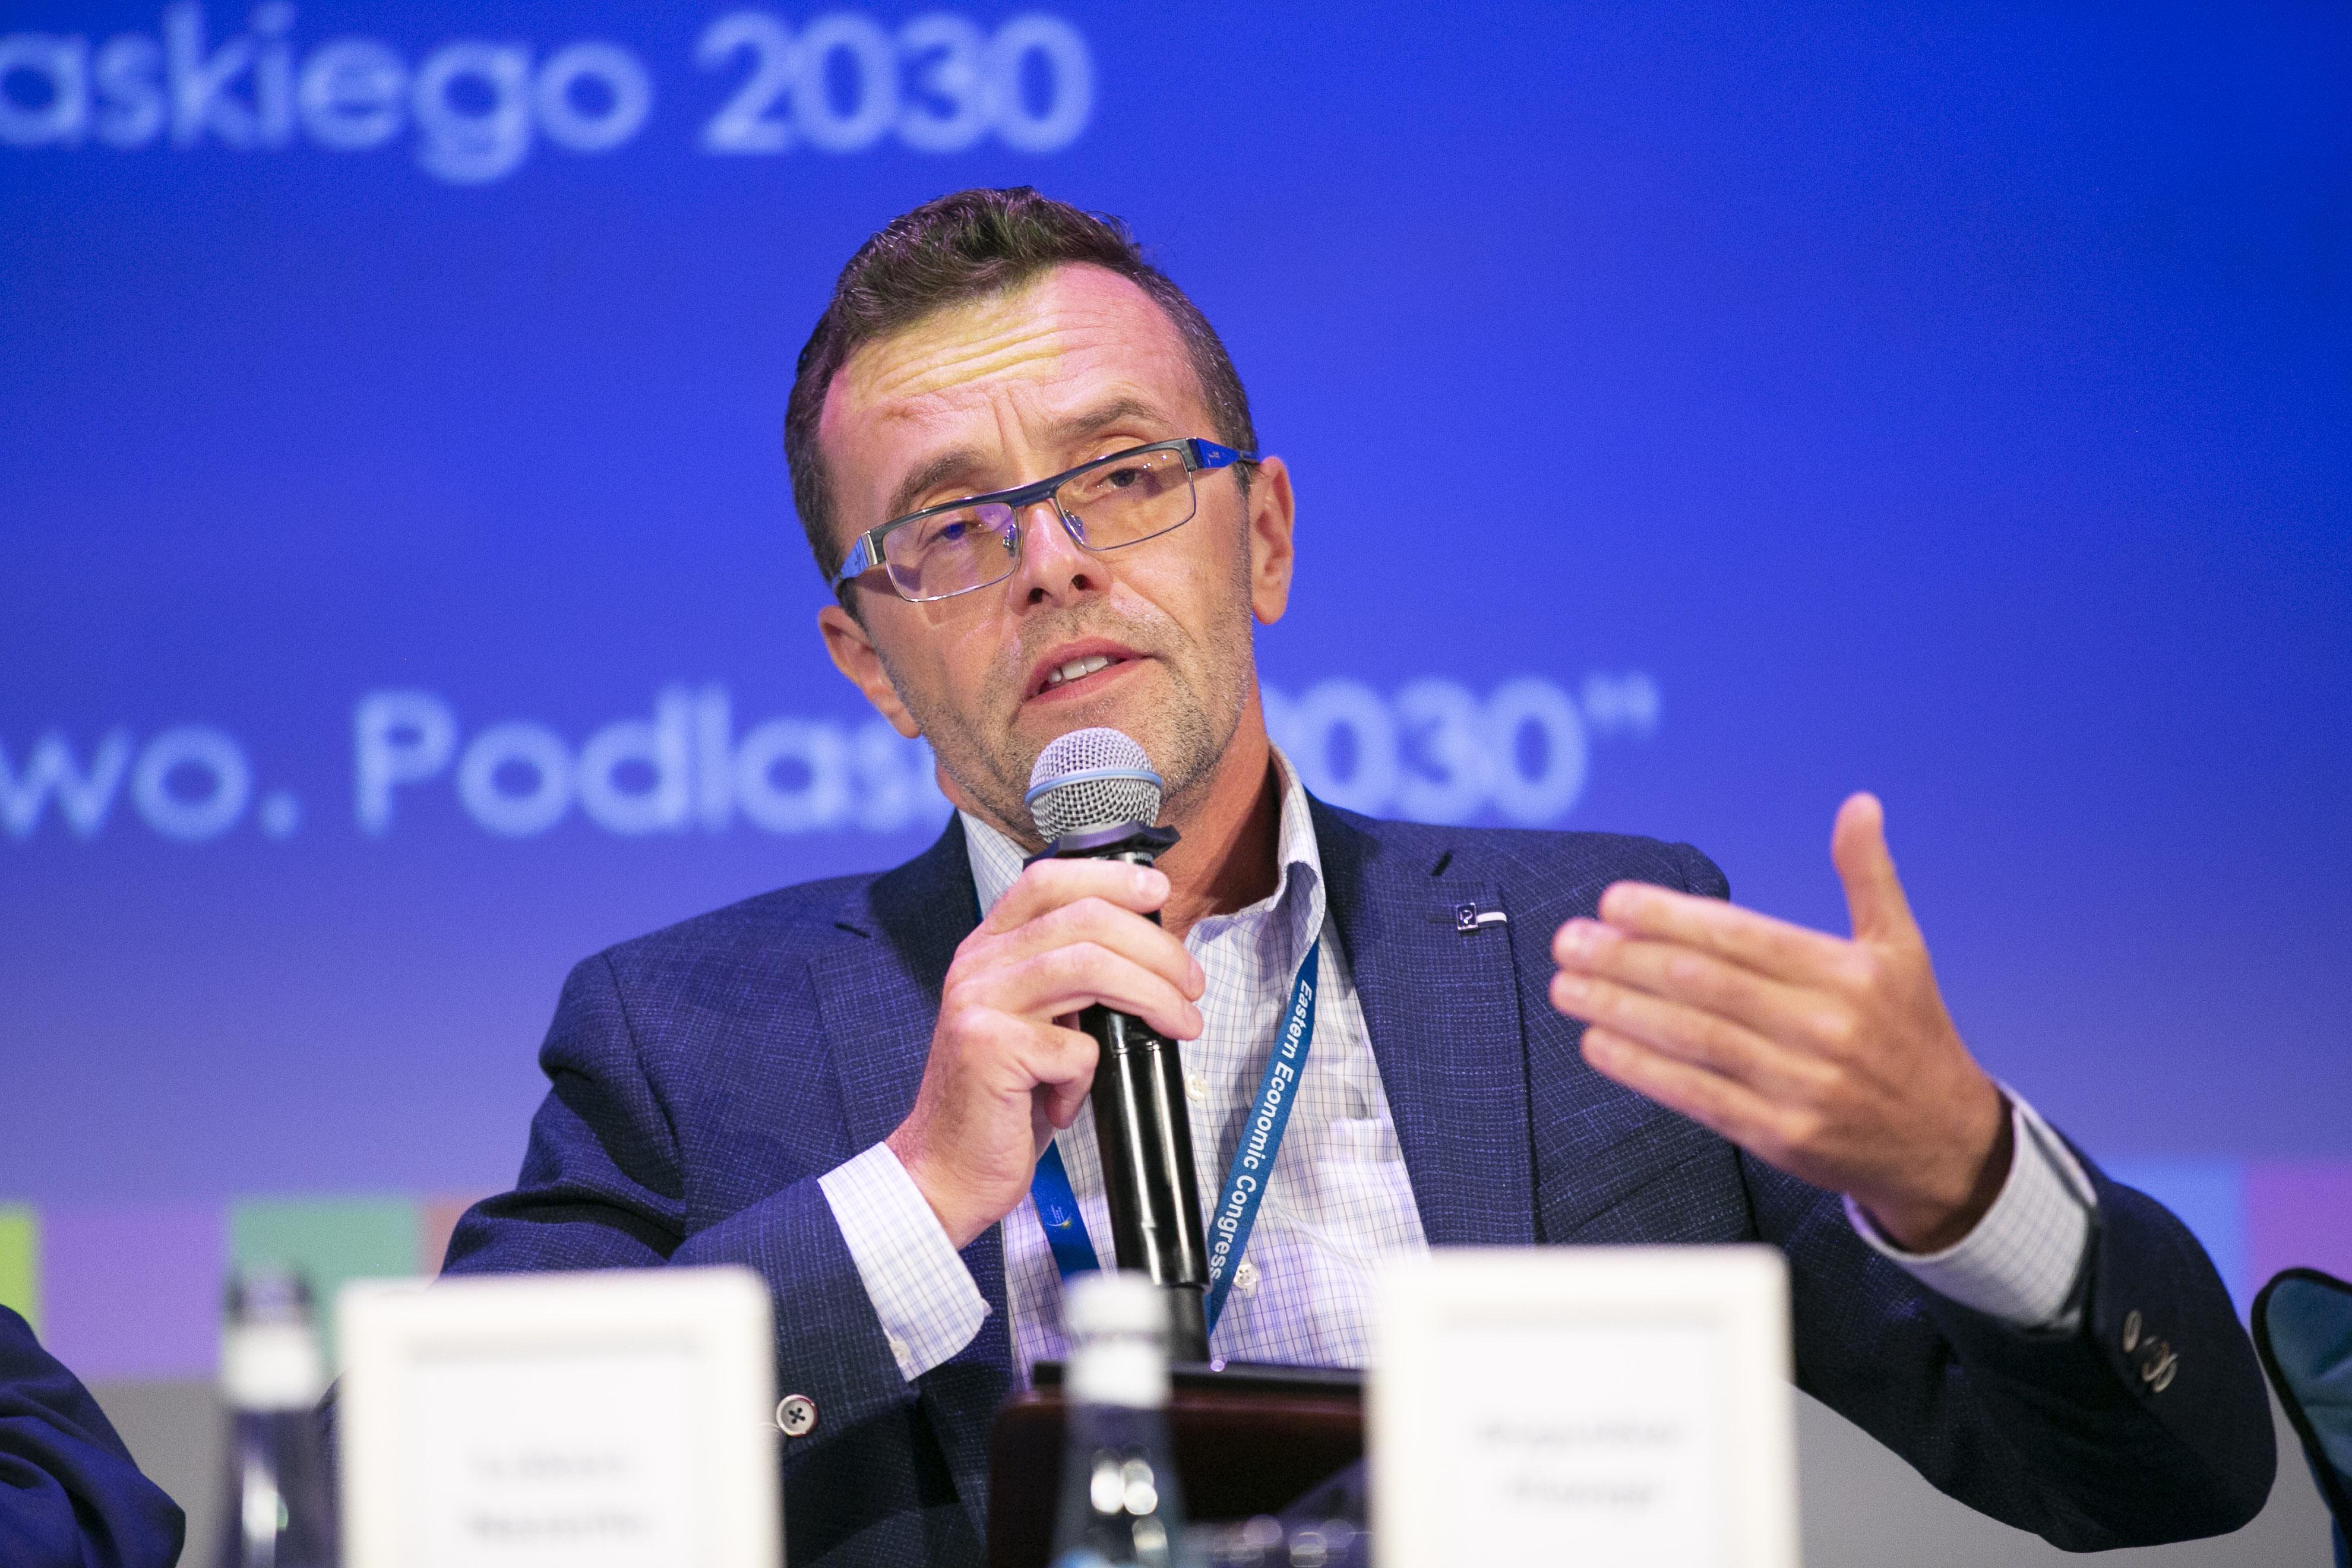 Bogusław Plawgo, kierownik Zakładu Podstaw i Strategii Zarządzania Uniwersytetu w Białymstoku. Fot. PTWP